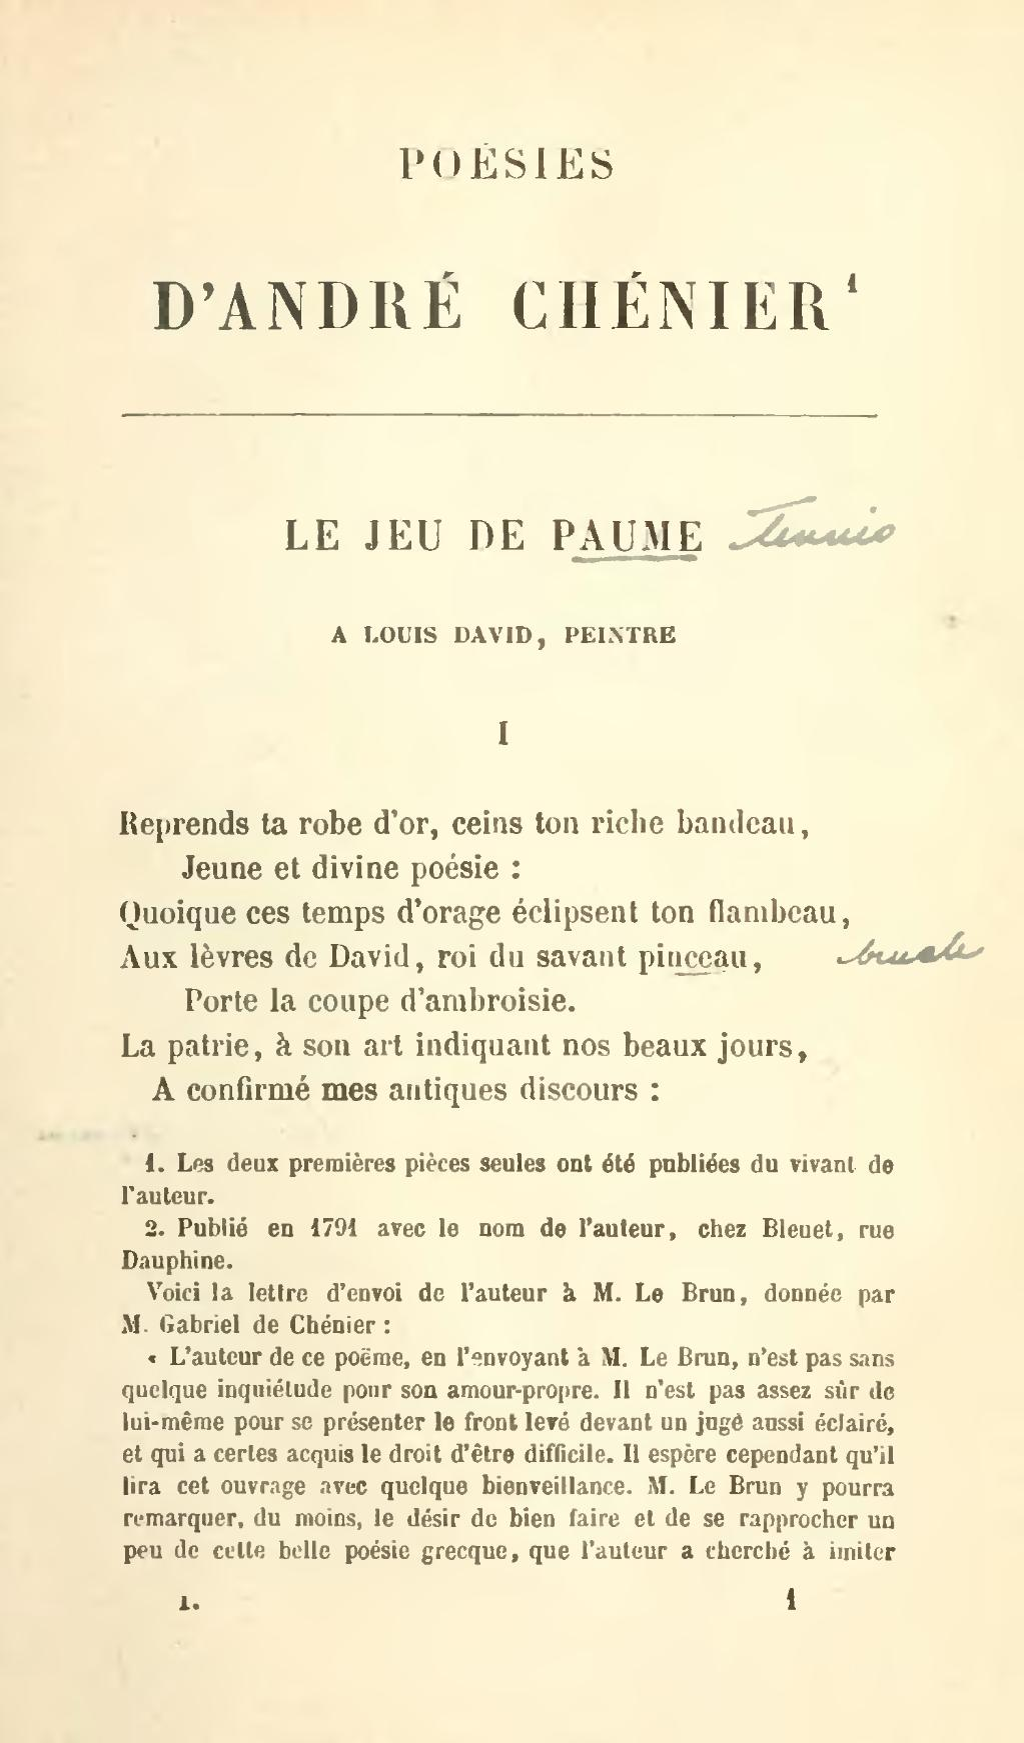 page:chénier - Œuvres poétiques, édition moland, 1889, volume 1.djvu